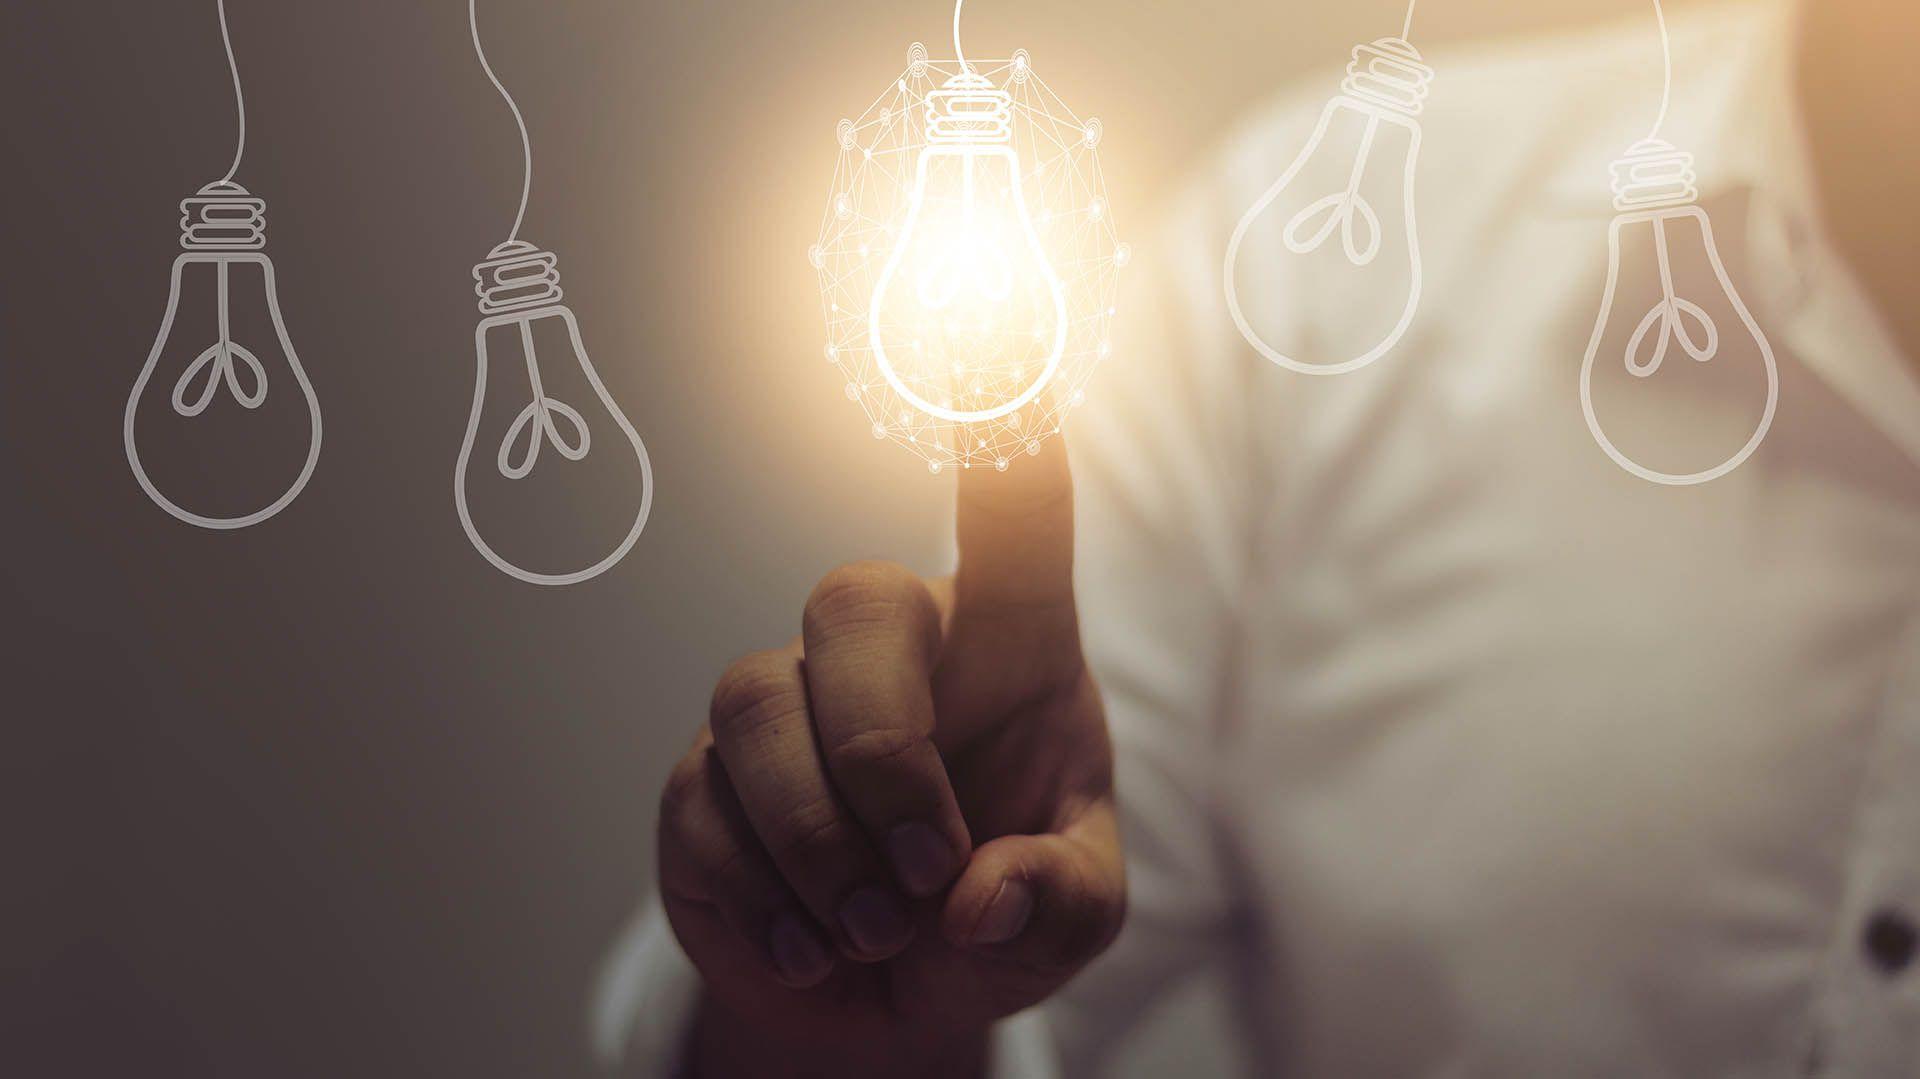 Hay varias aplicaciones que permiten organizar las ideas de manera sencilla (Shutterstock)